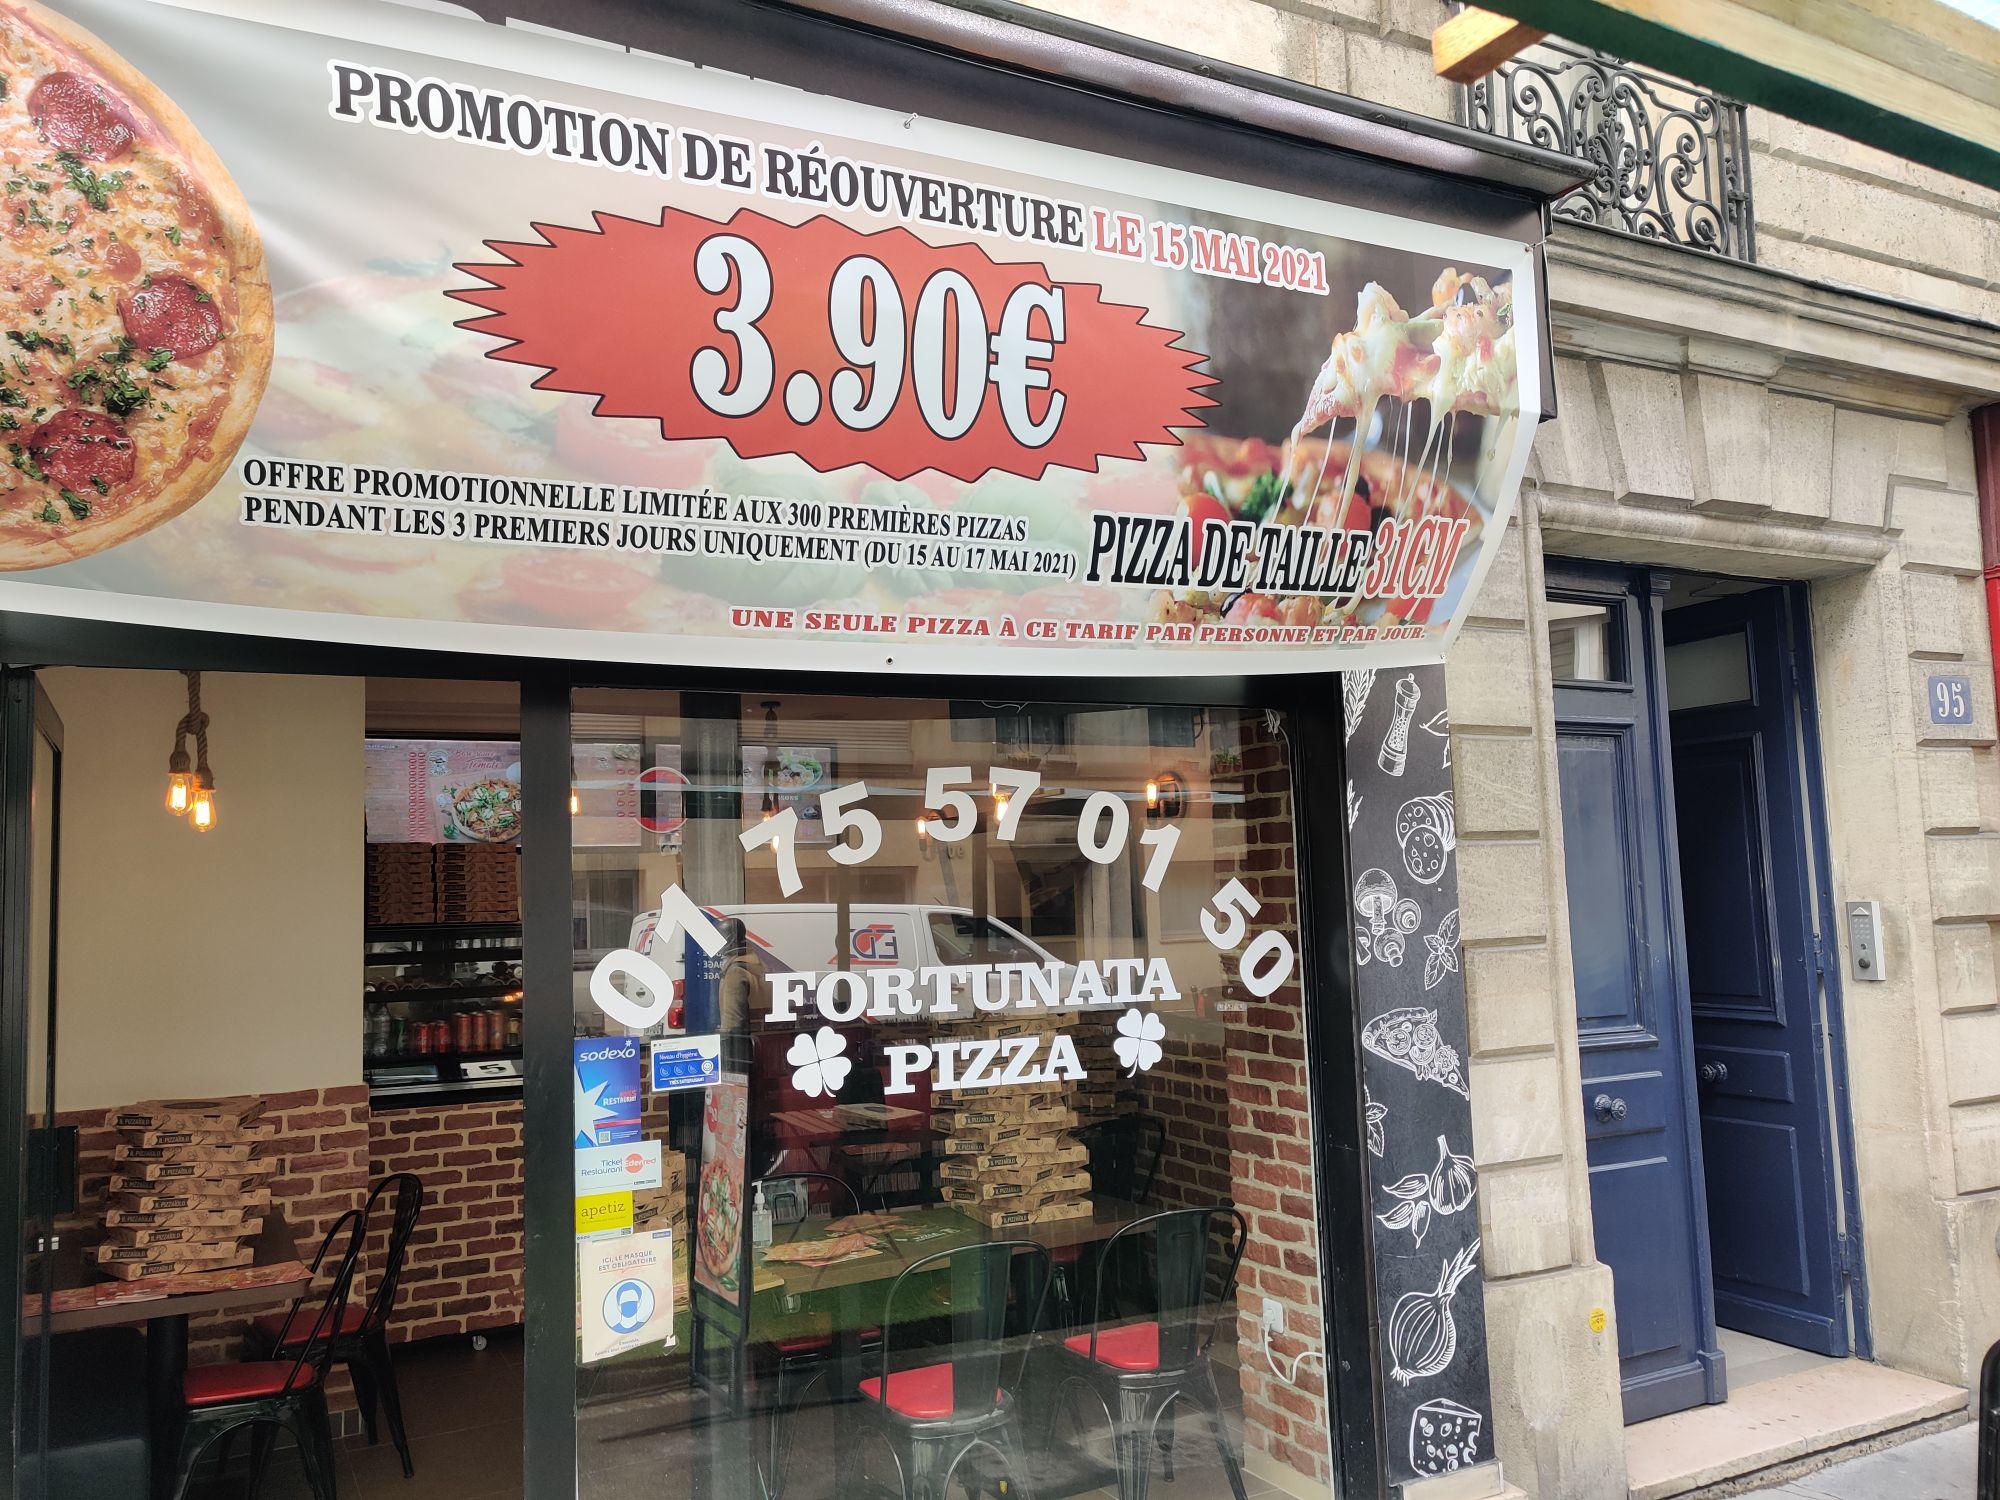 Pizza 31 cm au choix à 3.9€ - Fortunata Pizza Paris 18ème (75)